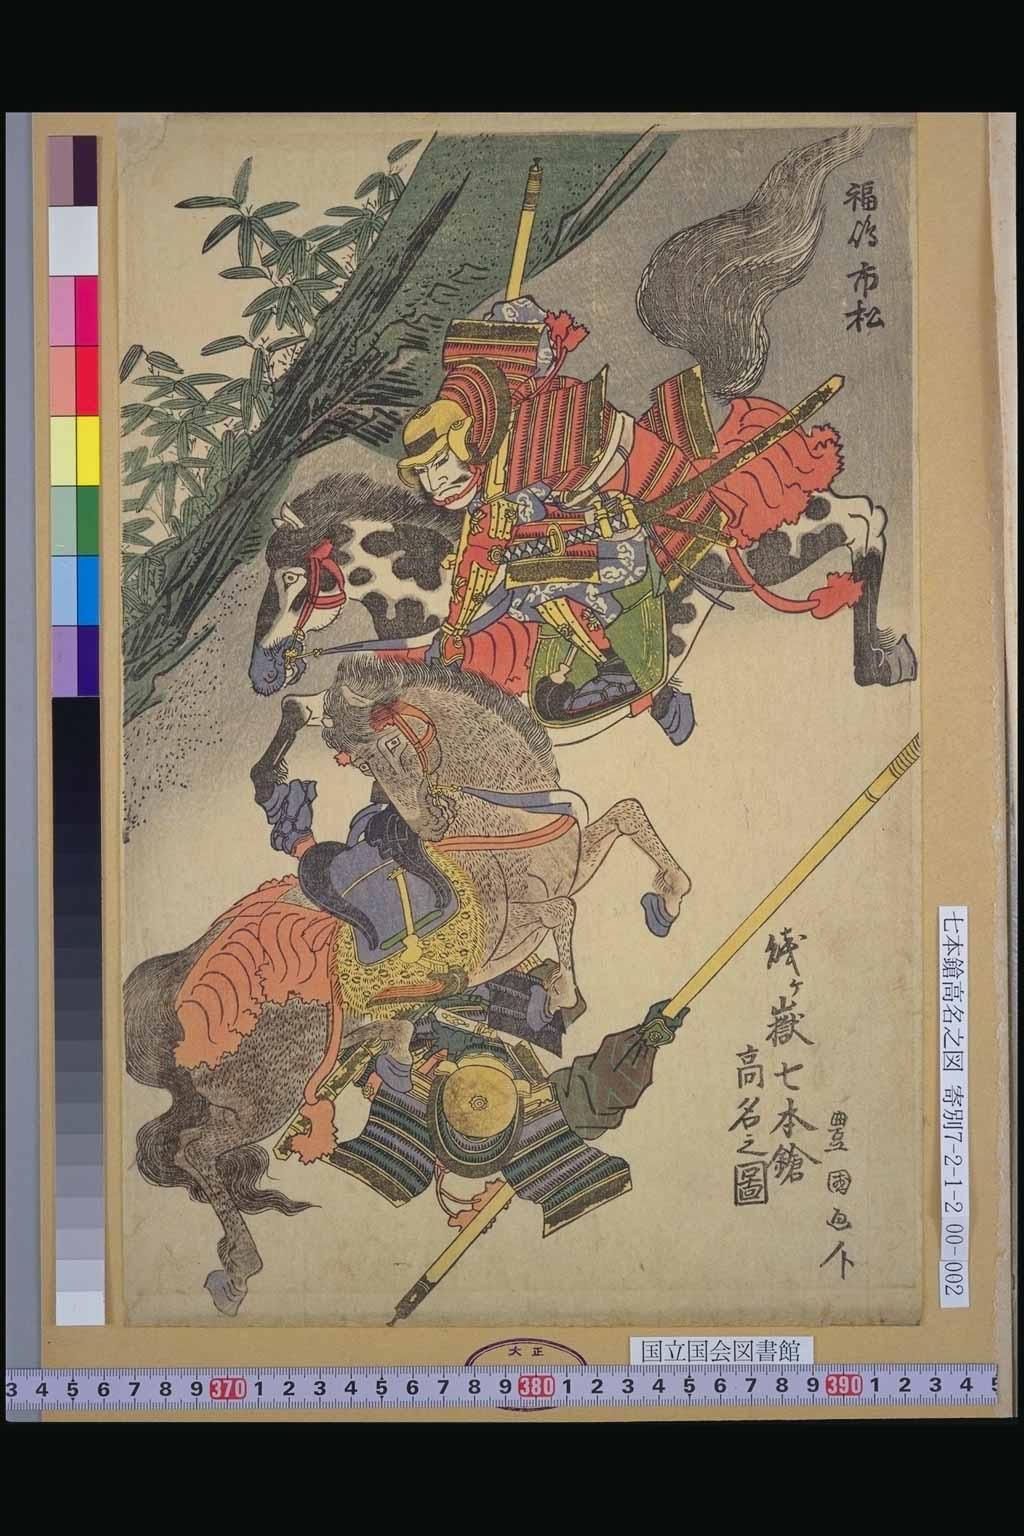 A3-03 「賤ケ嶽七本鎗高名之図 福嶋市松」